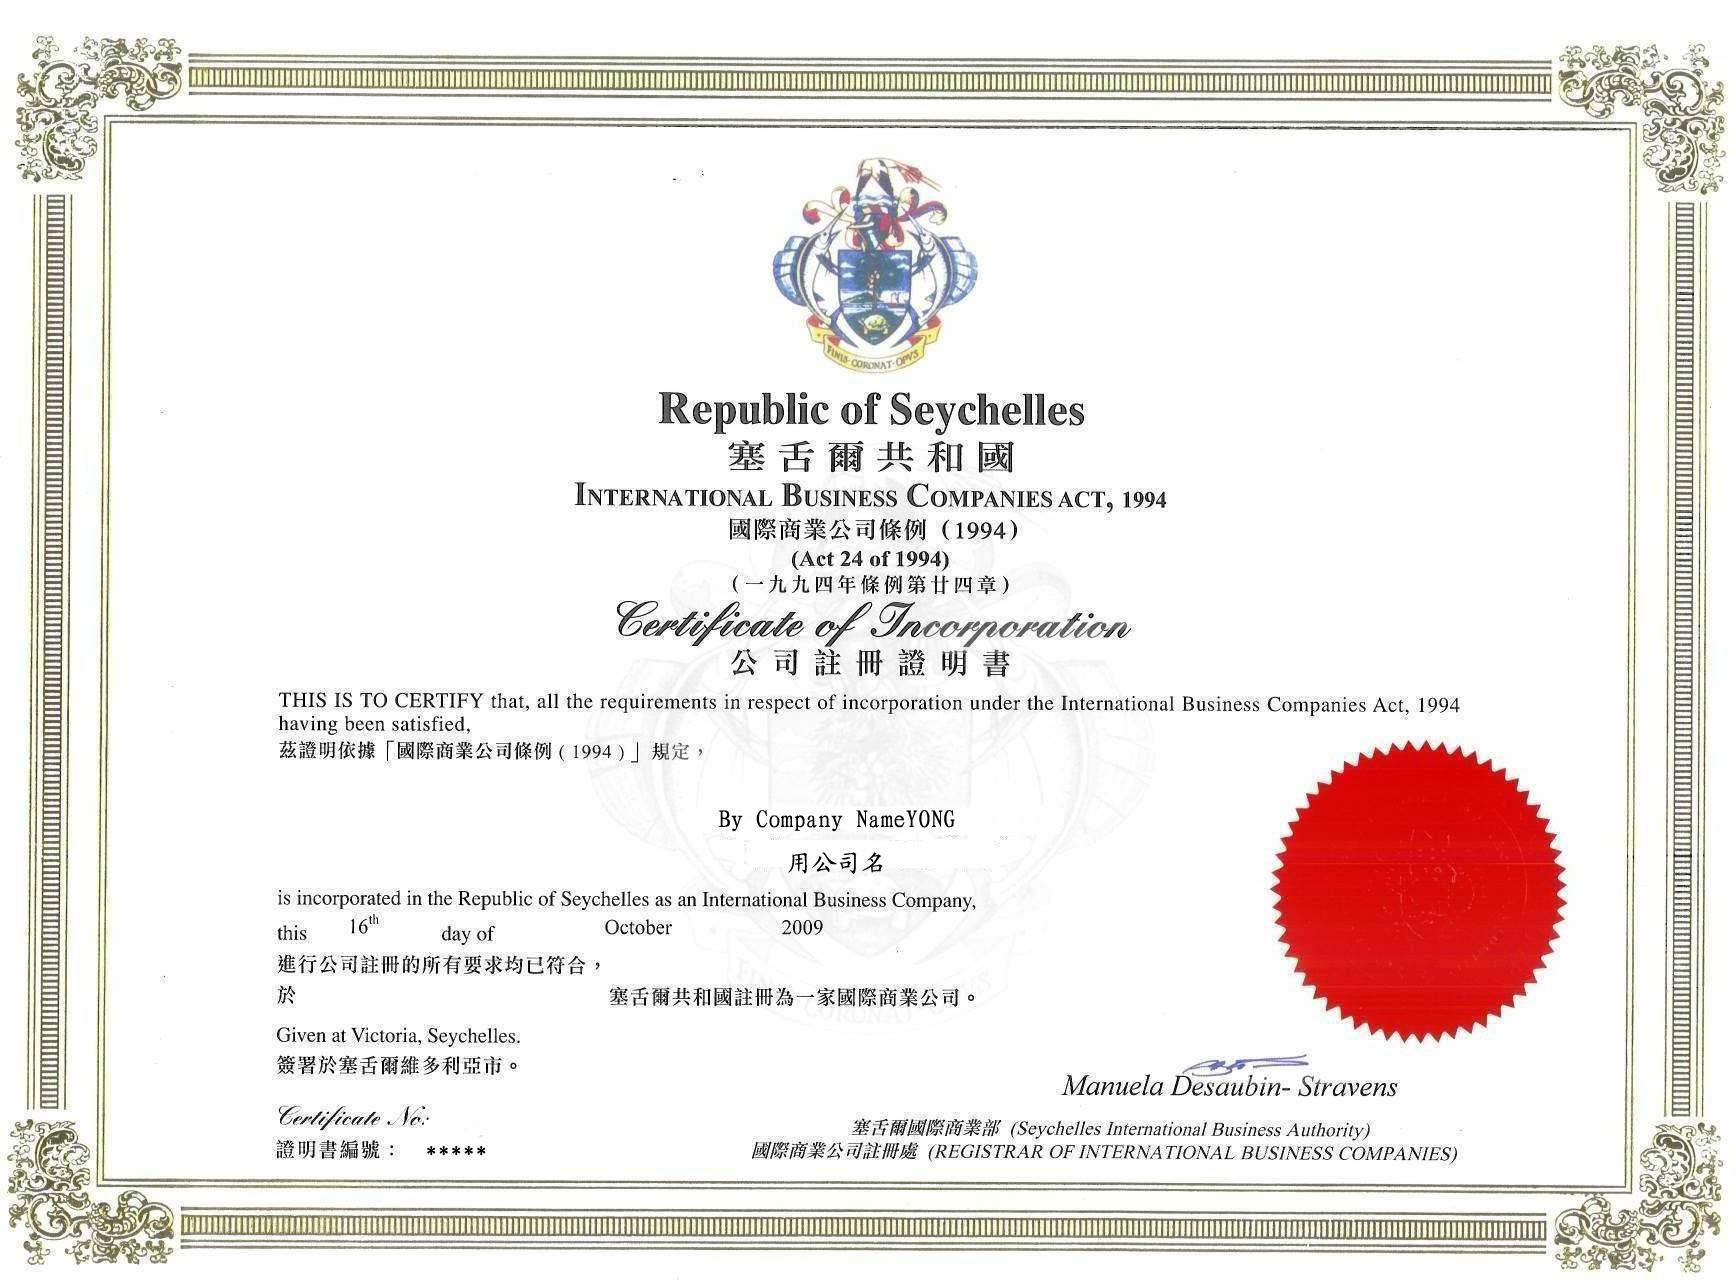 塞舌尔公司注册证书样本